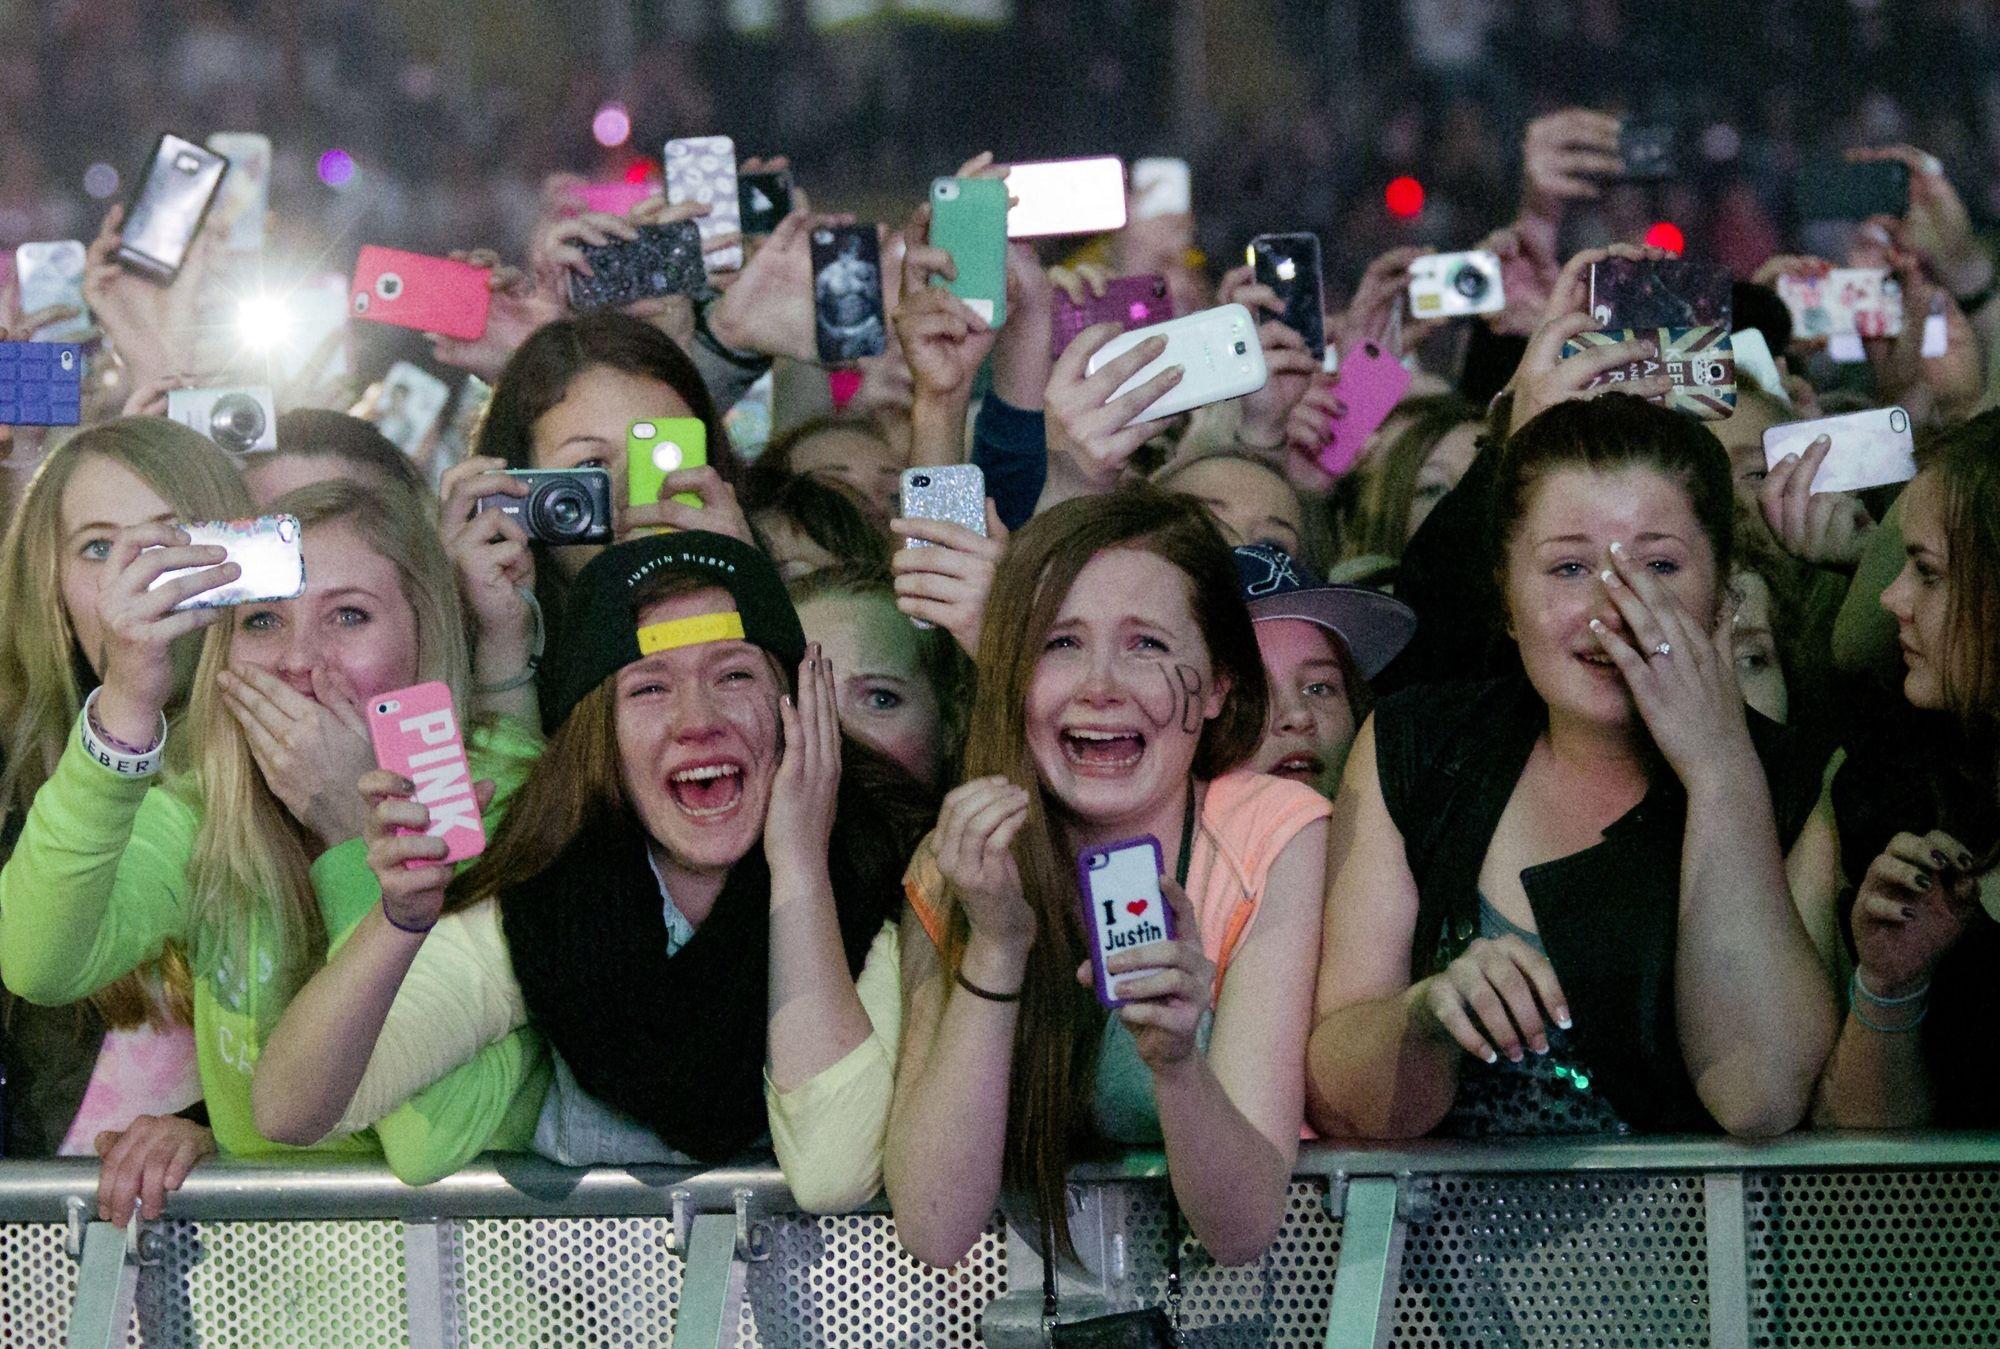 Med tusenvis av smartmobilbrukerepå konsert, kan den eventuelle Wi-Fi-kapasiteten fort bli sprengt. Bildet er fra en Justin Bieber-konsert i Telenor Arena tidligere i år.